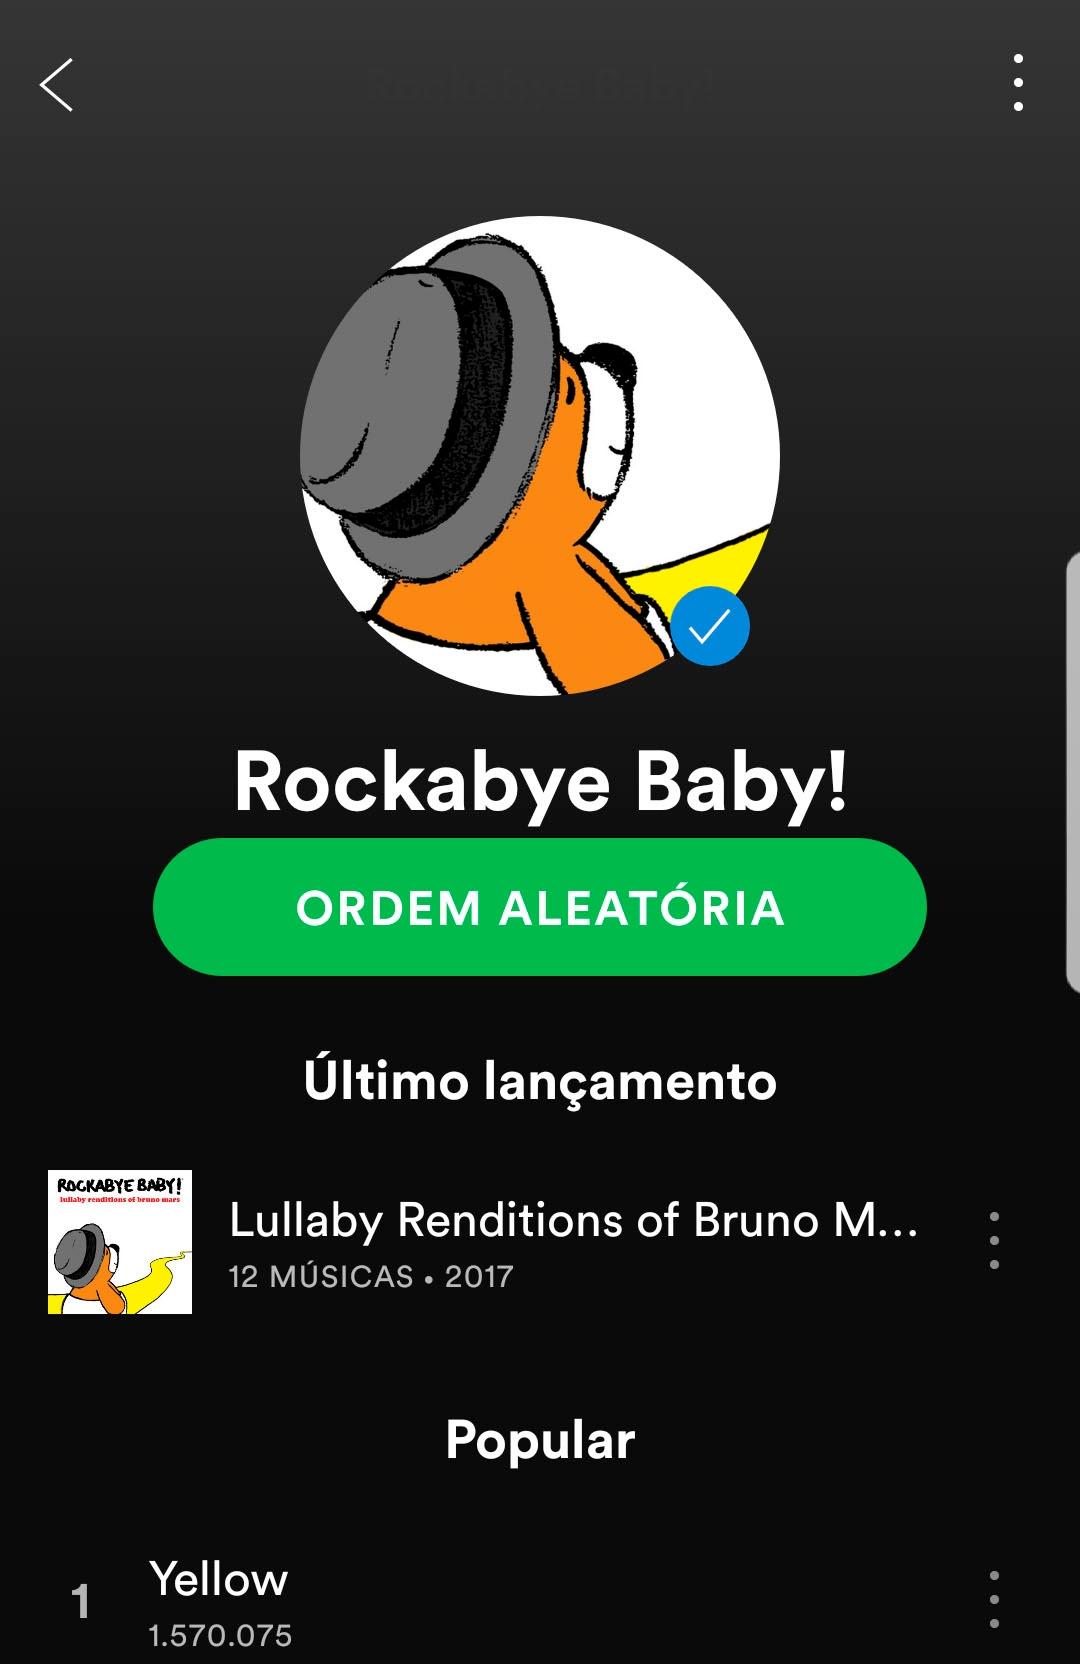 Playlist Rockabye Baby!